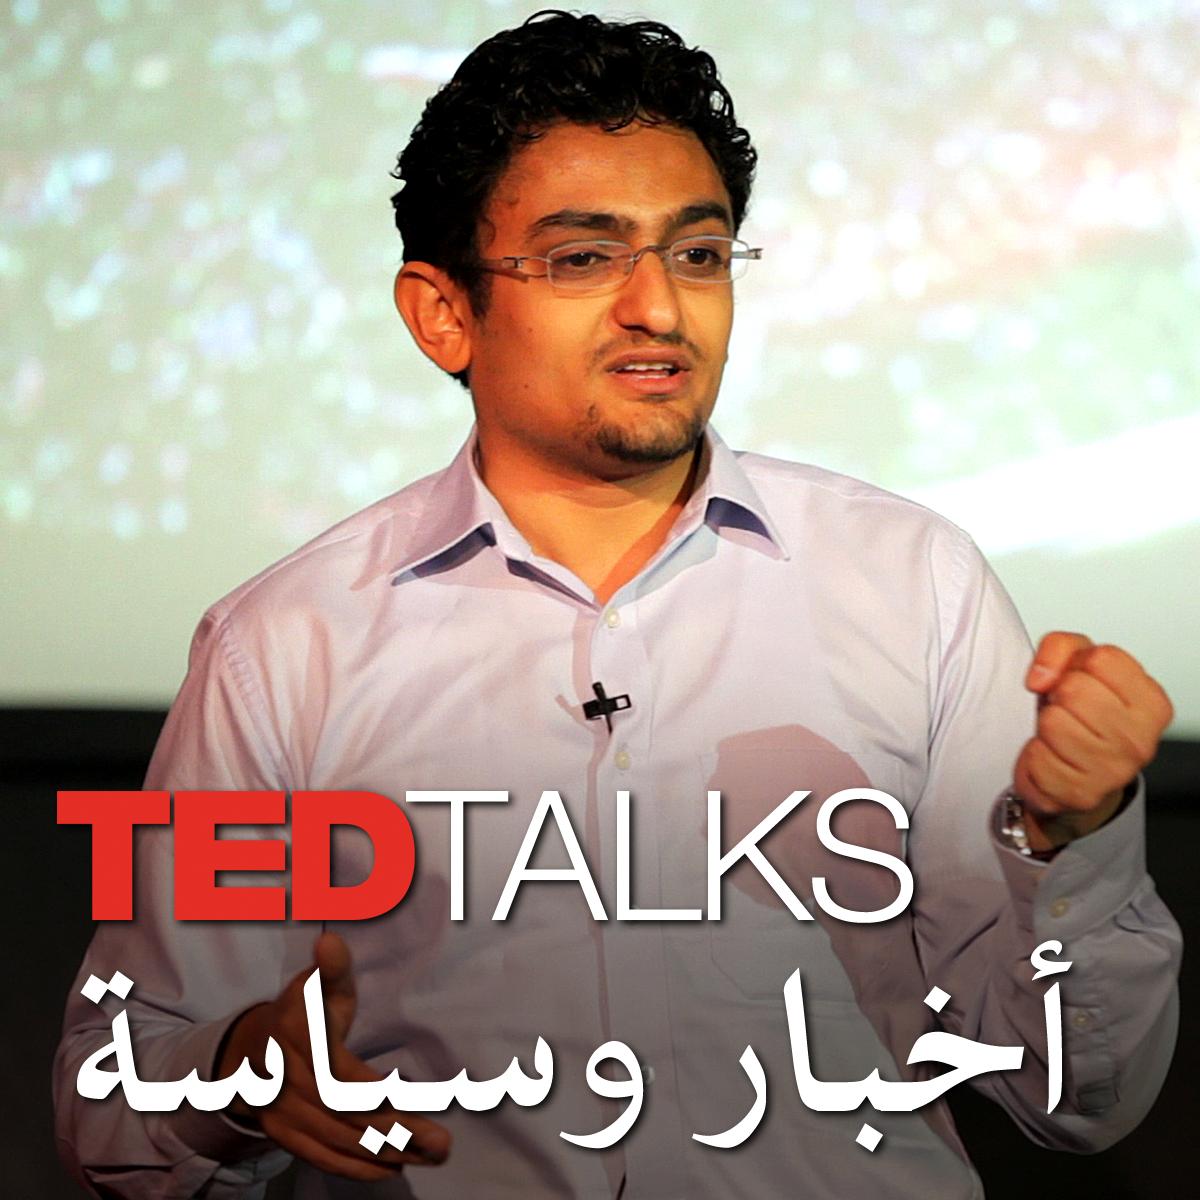 TEDTalks أخبار وسياسة